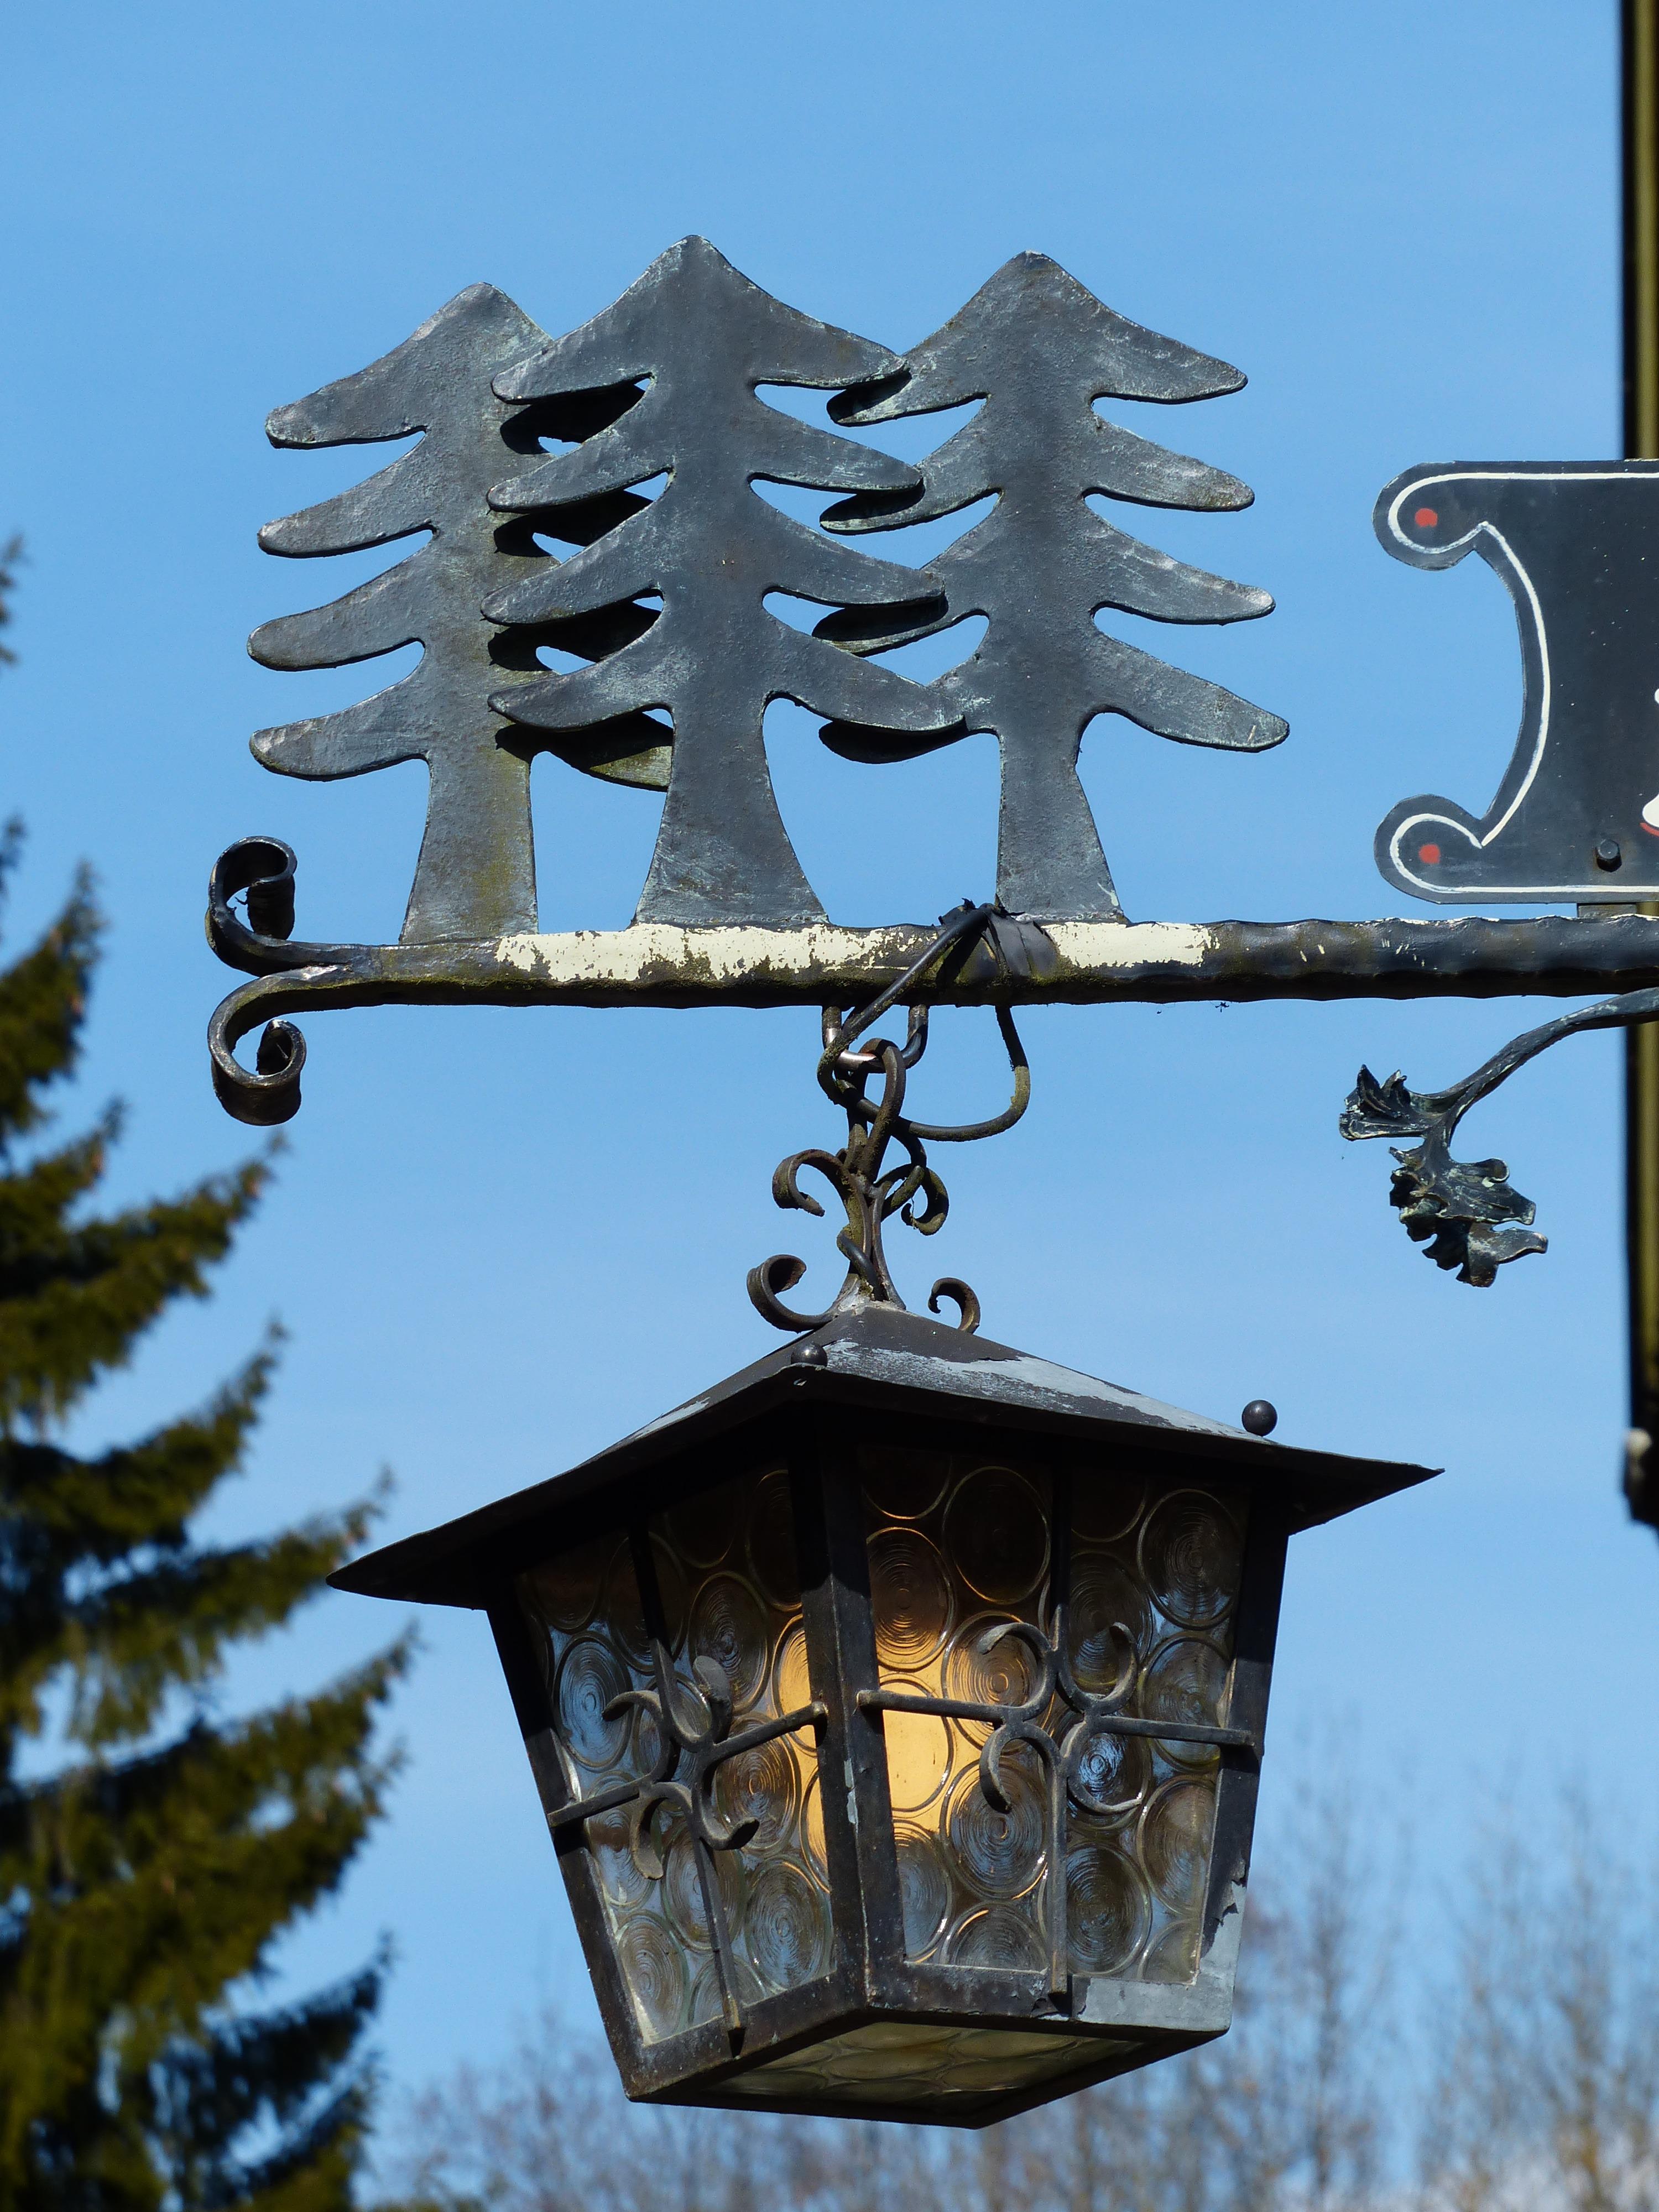 rbol ligero linterna torre luz de la calle lmpara navidad iluminacin lmpara hierro forjado herrera abetos